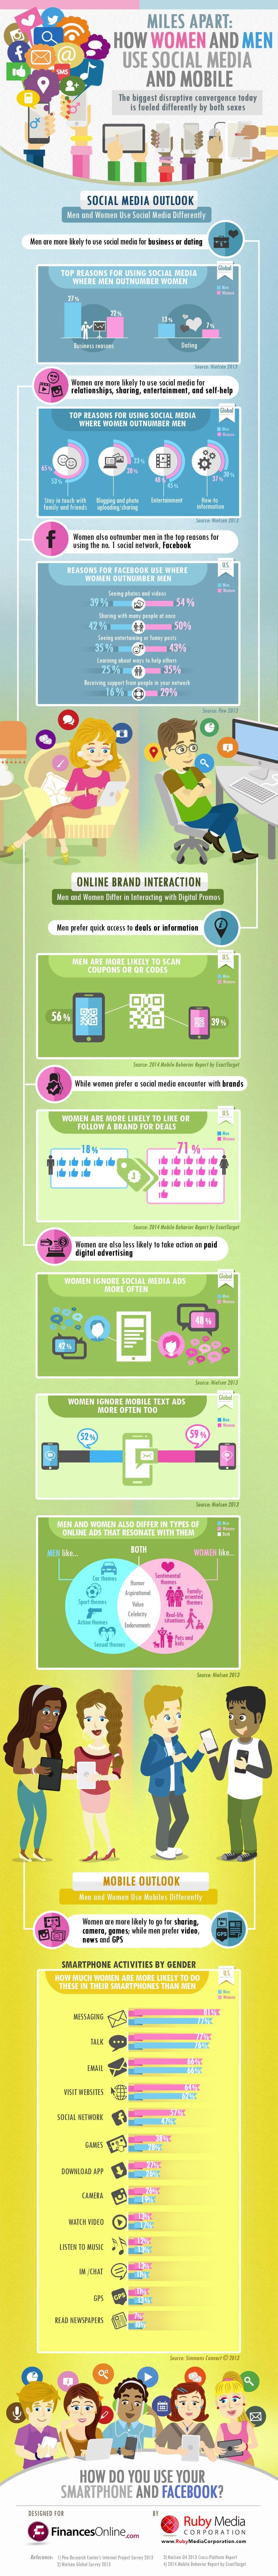 Mannen en vrouwen op social media- zoek de verschillen [infographic]